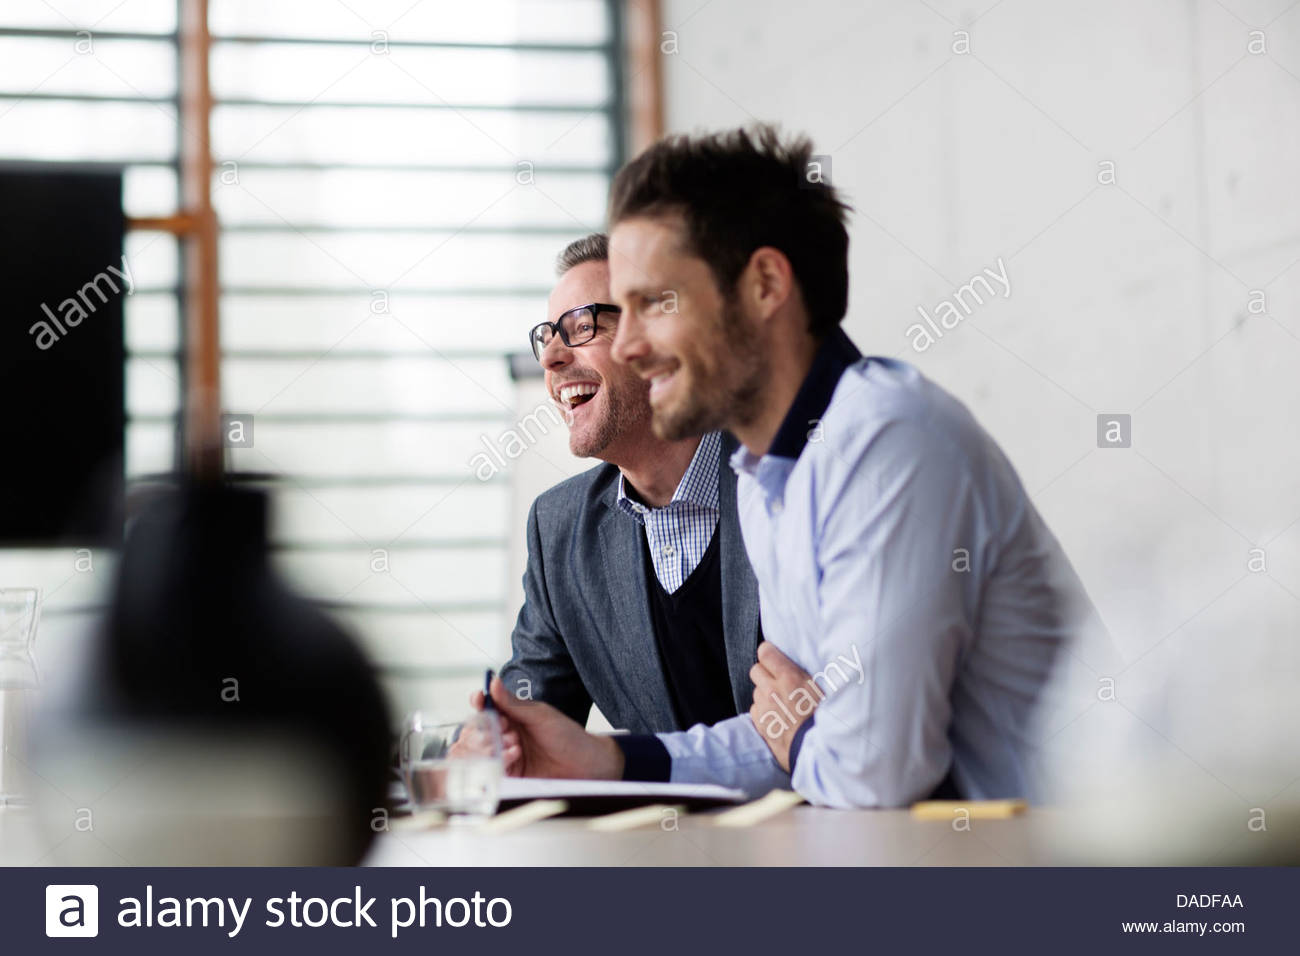 Two men laughing - Stock Image